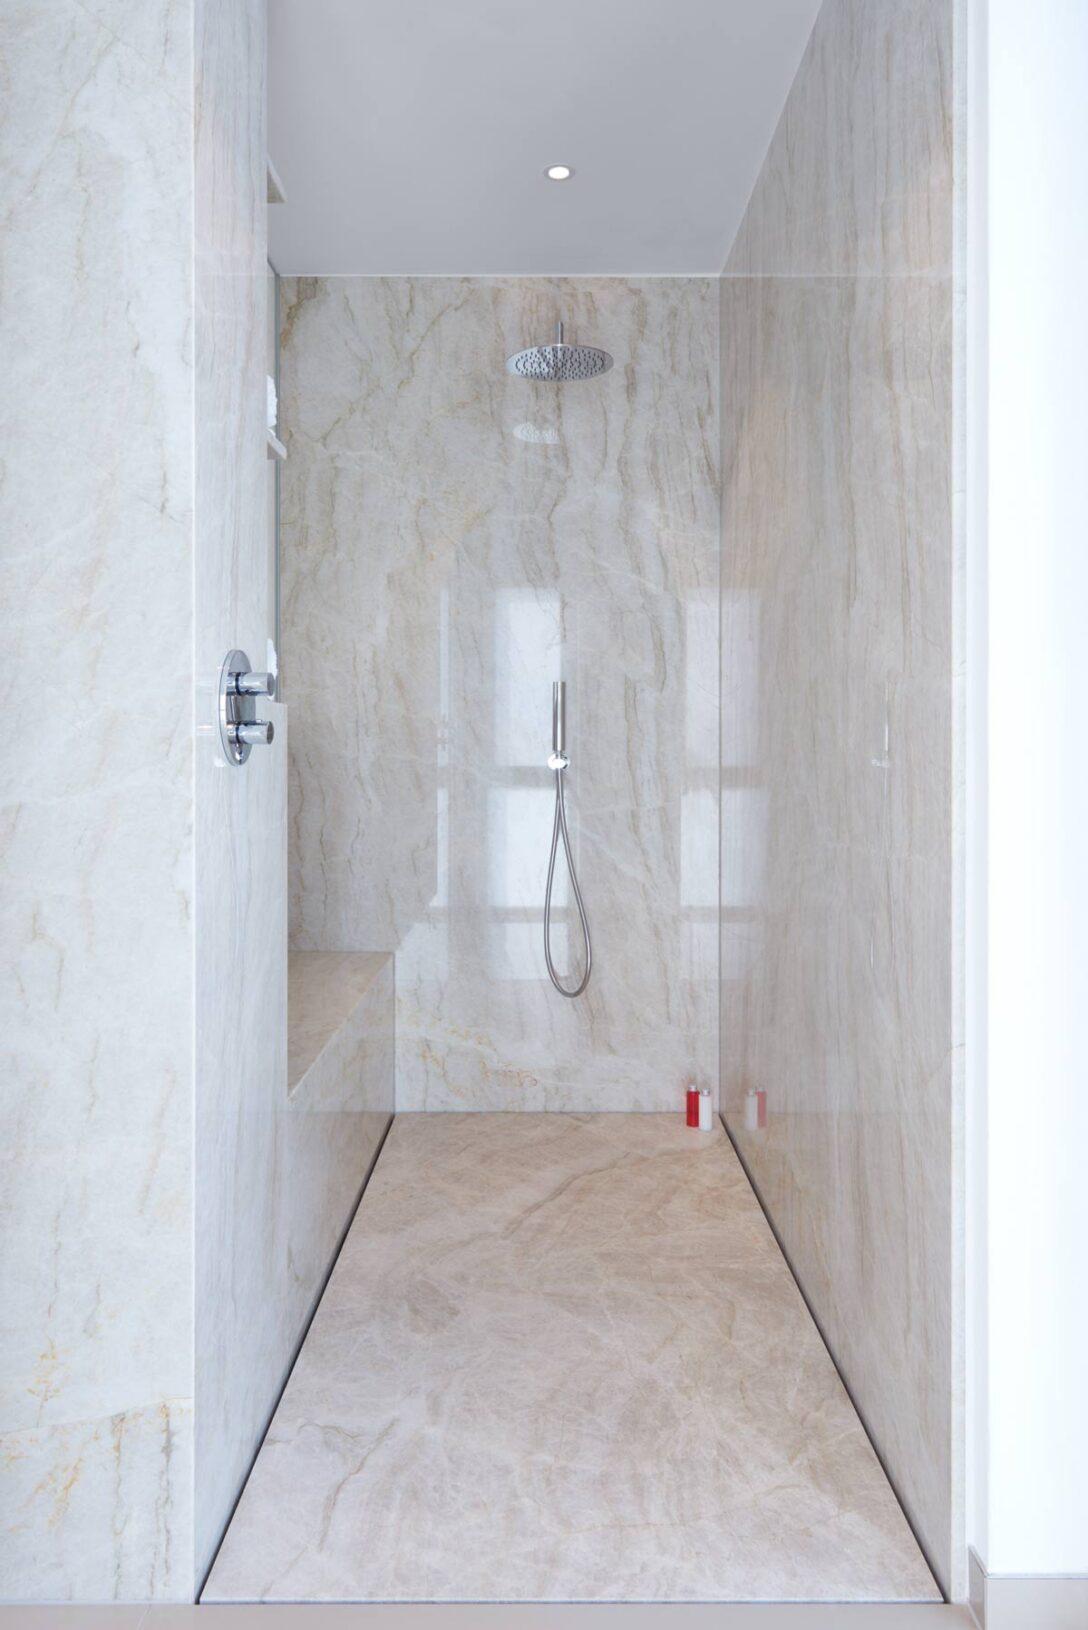 Large Size of Moderne Badezimmer Duschen Bodengleiche Gemauert Begehbare Fliesen Dusche Ohne Kleine Bilder Ebenerdig Gefliest Fugenlose Pflegeleicht Und Puristisch Baqua Dusche Moderne Duschen